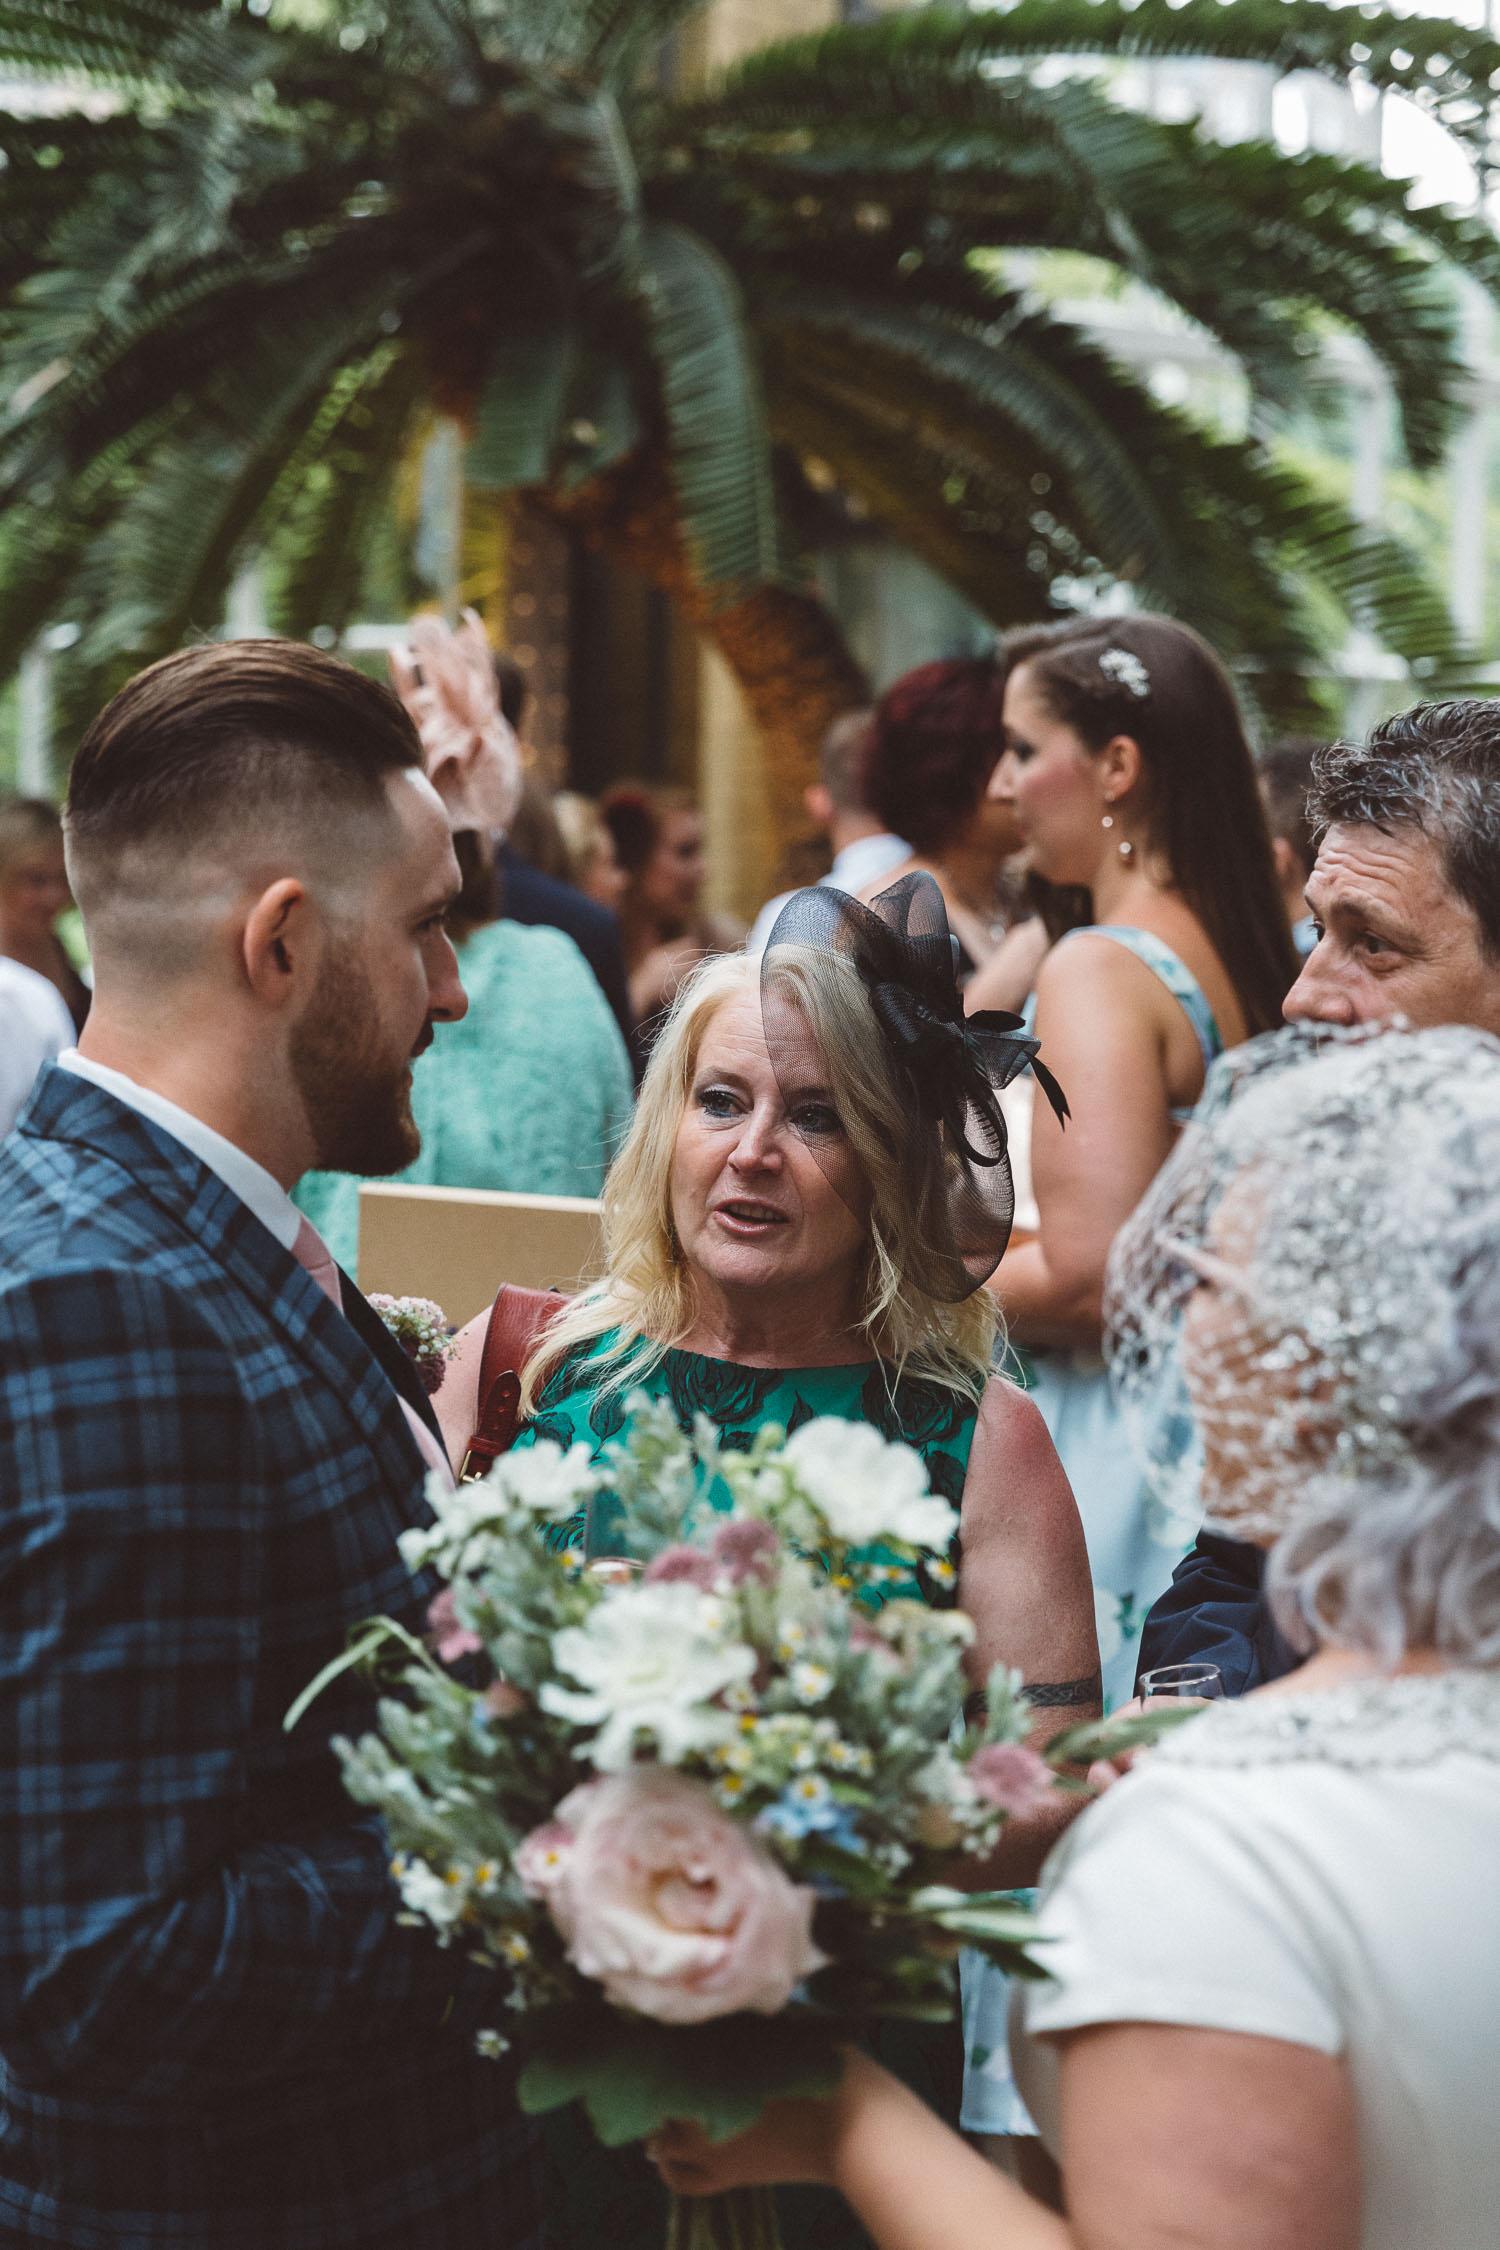 Wedding-Bethan-and-Mike-Hortus-Botanicus-photography-On-a-hazy-morning-Amsterdam107.jpg